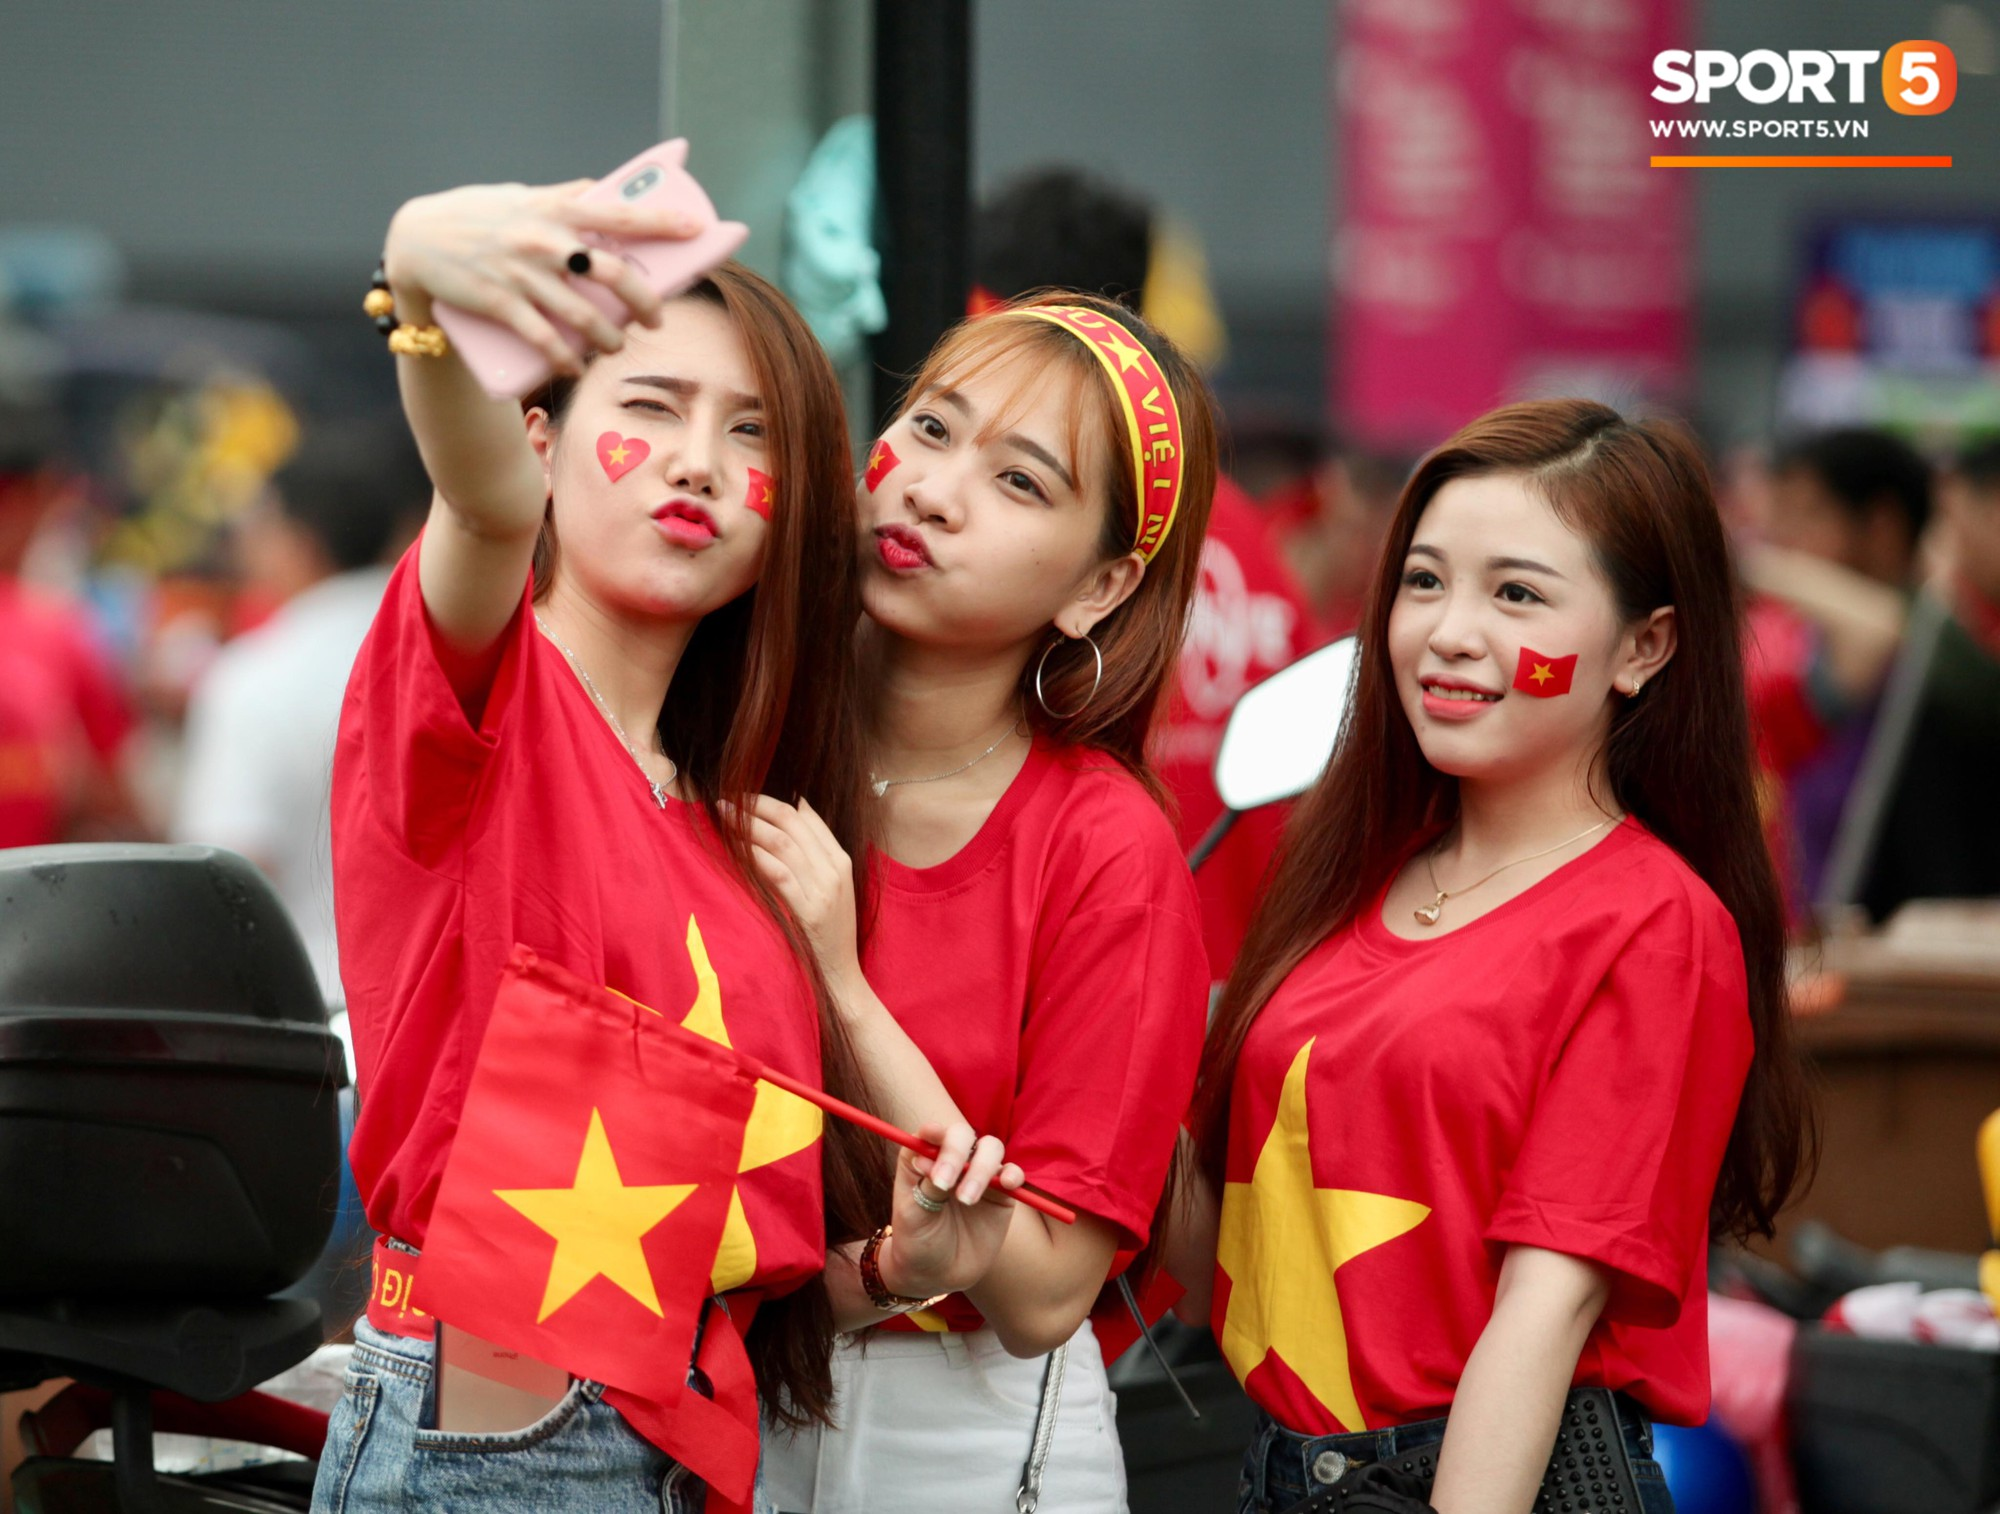 Fangirl xinh đẹp hâm nóng bầu không khí trước thềm đại chiến Việt Nam vs Malaysia-3